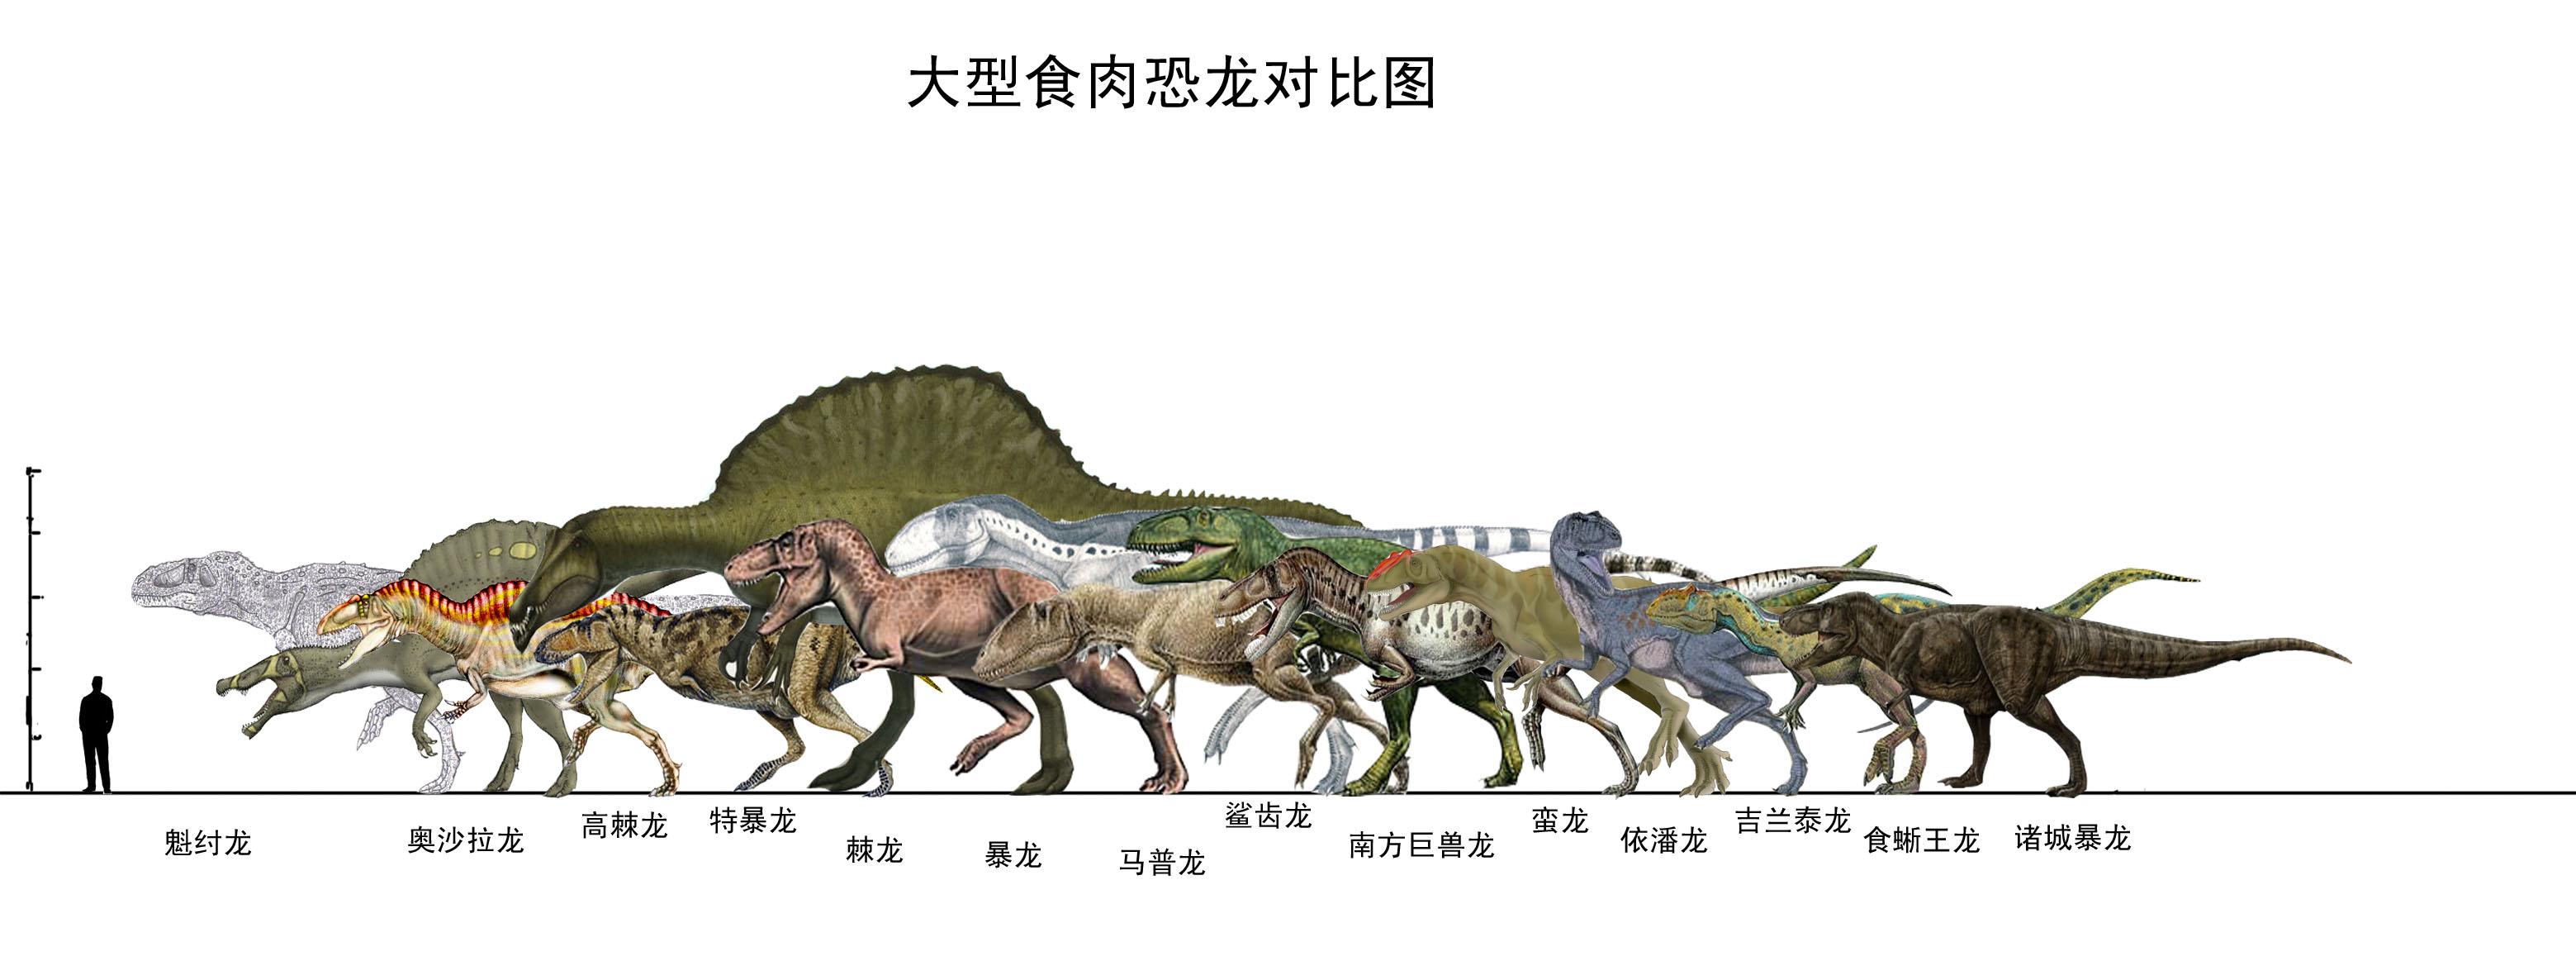 恐龙的资料50字_食肉恐龙有哪些图片_百度知道